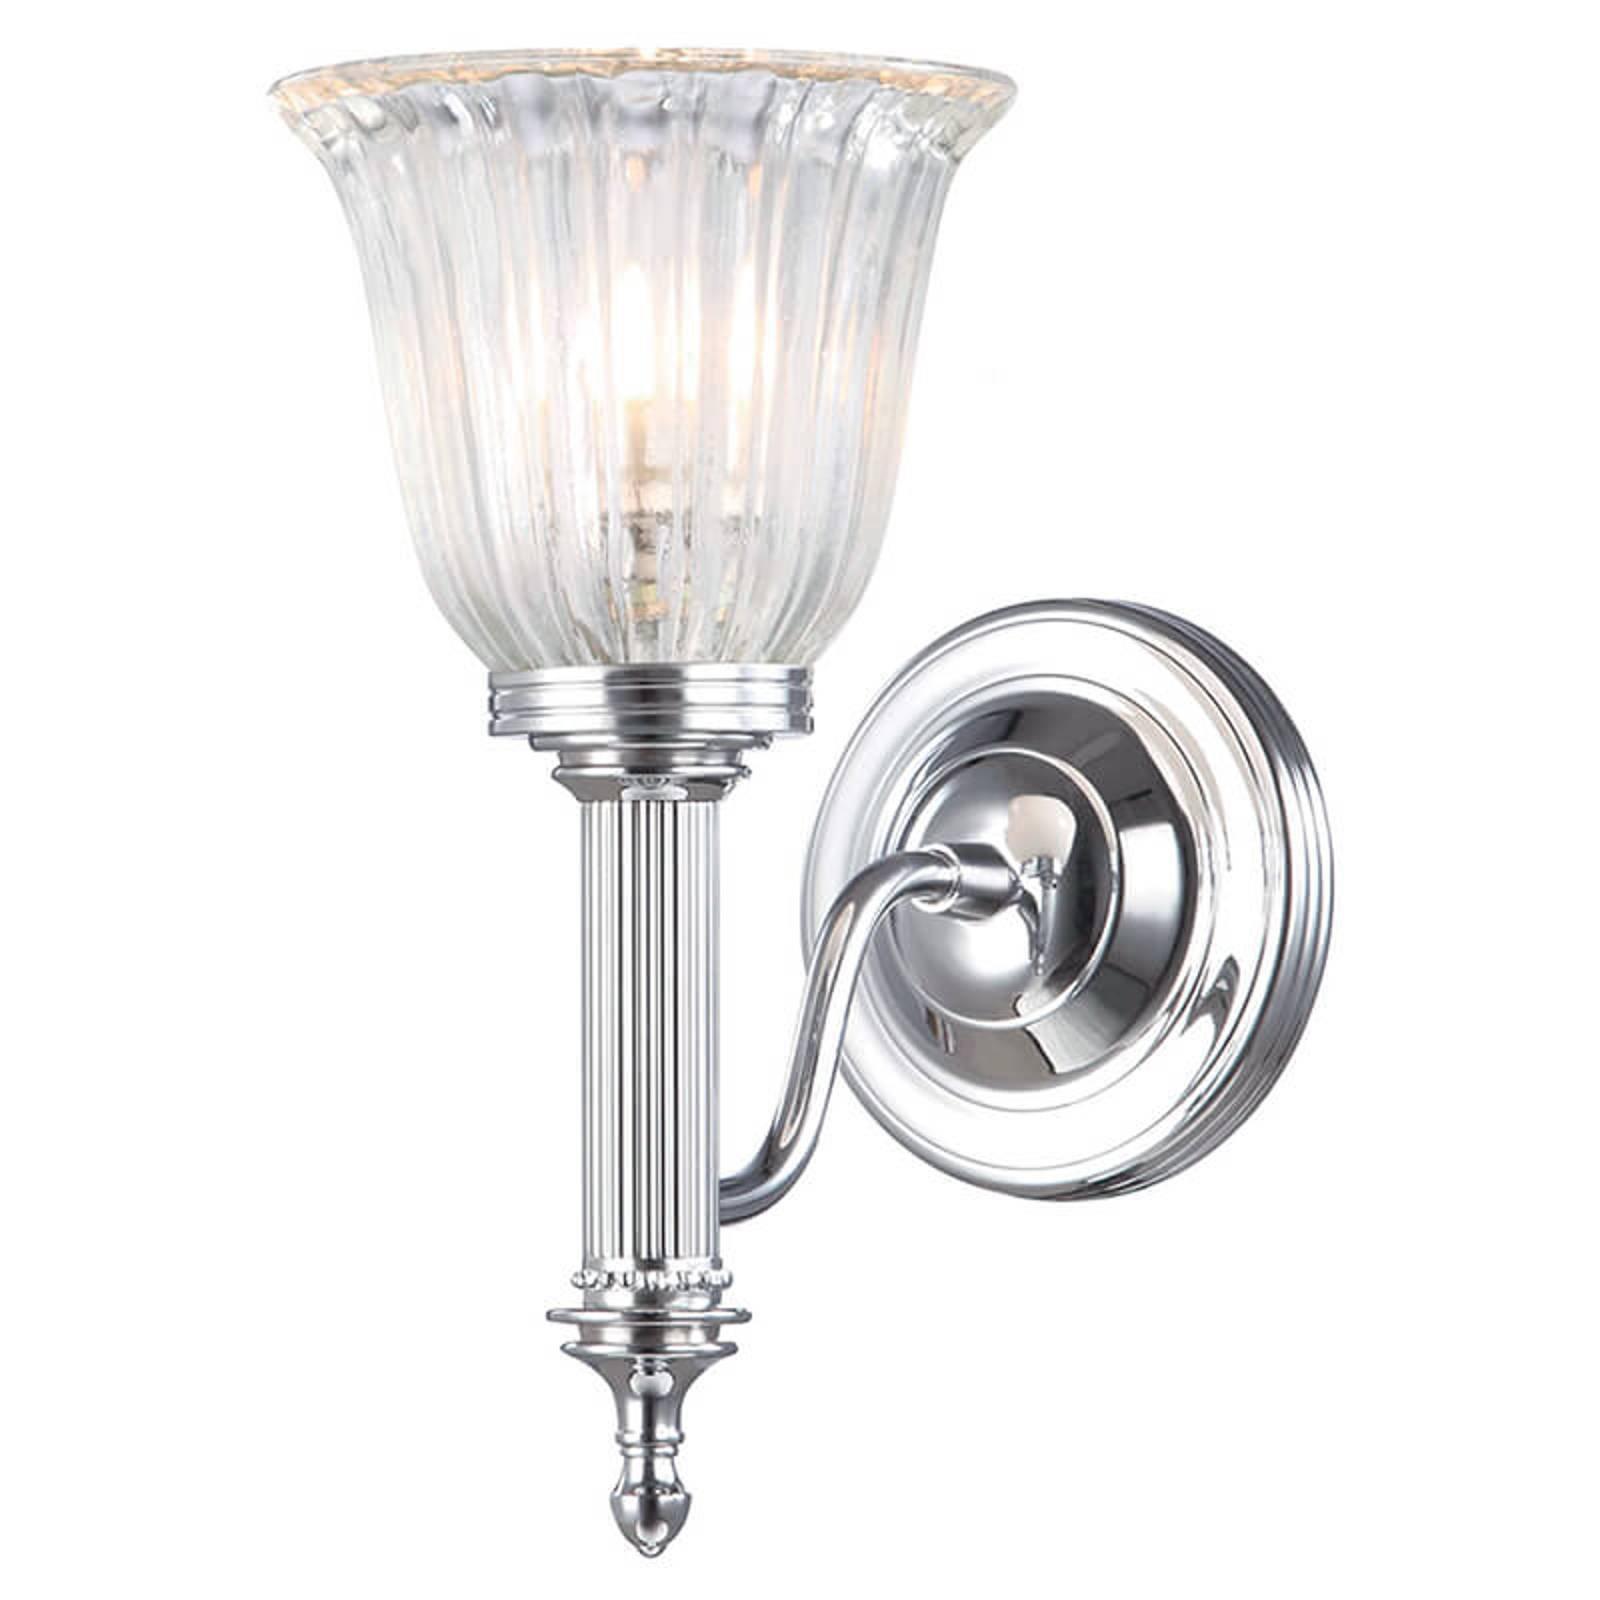 Vegglampe til våtrom Carroll, krom, valset glass